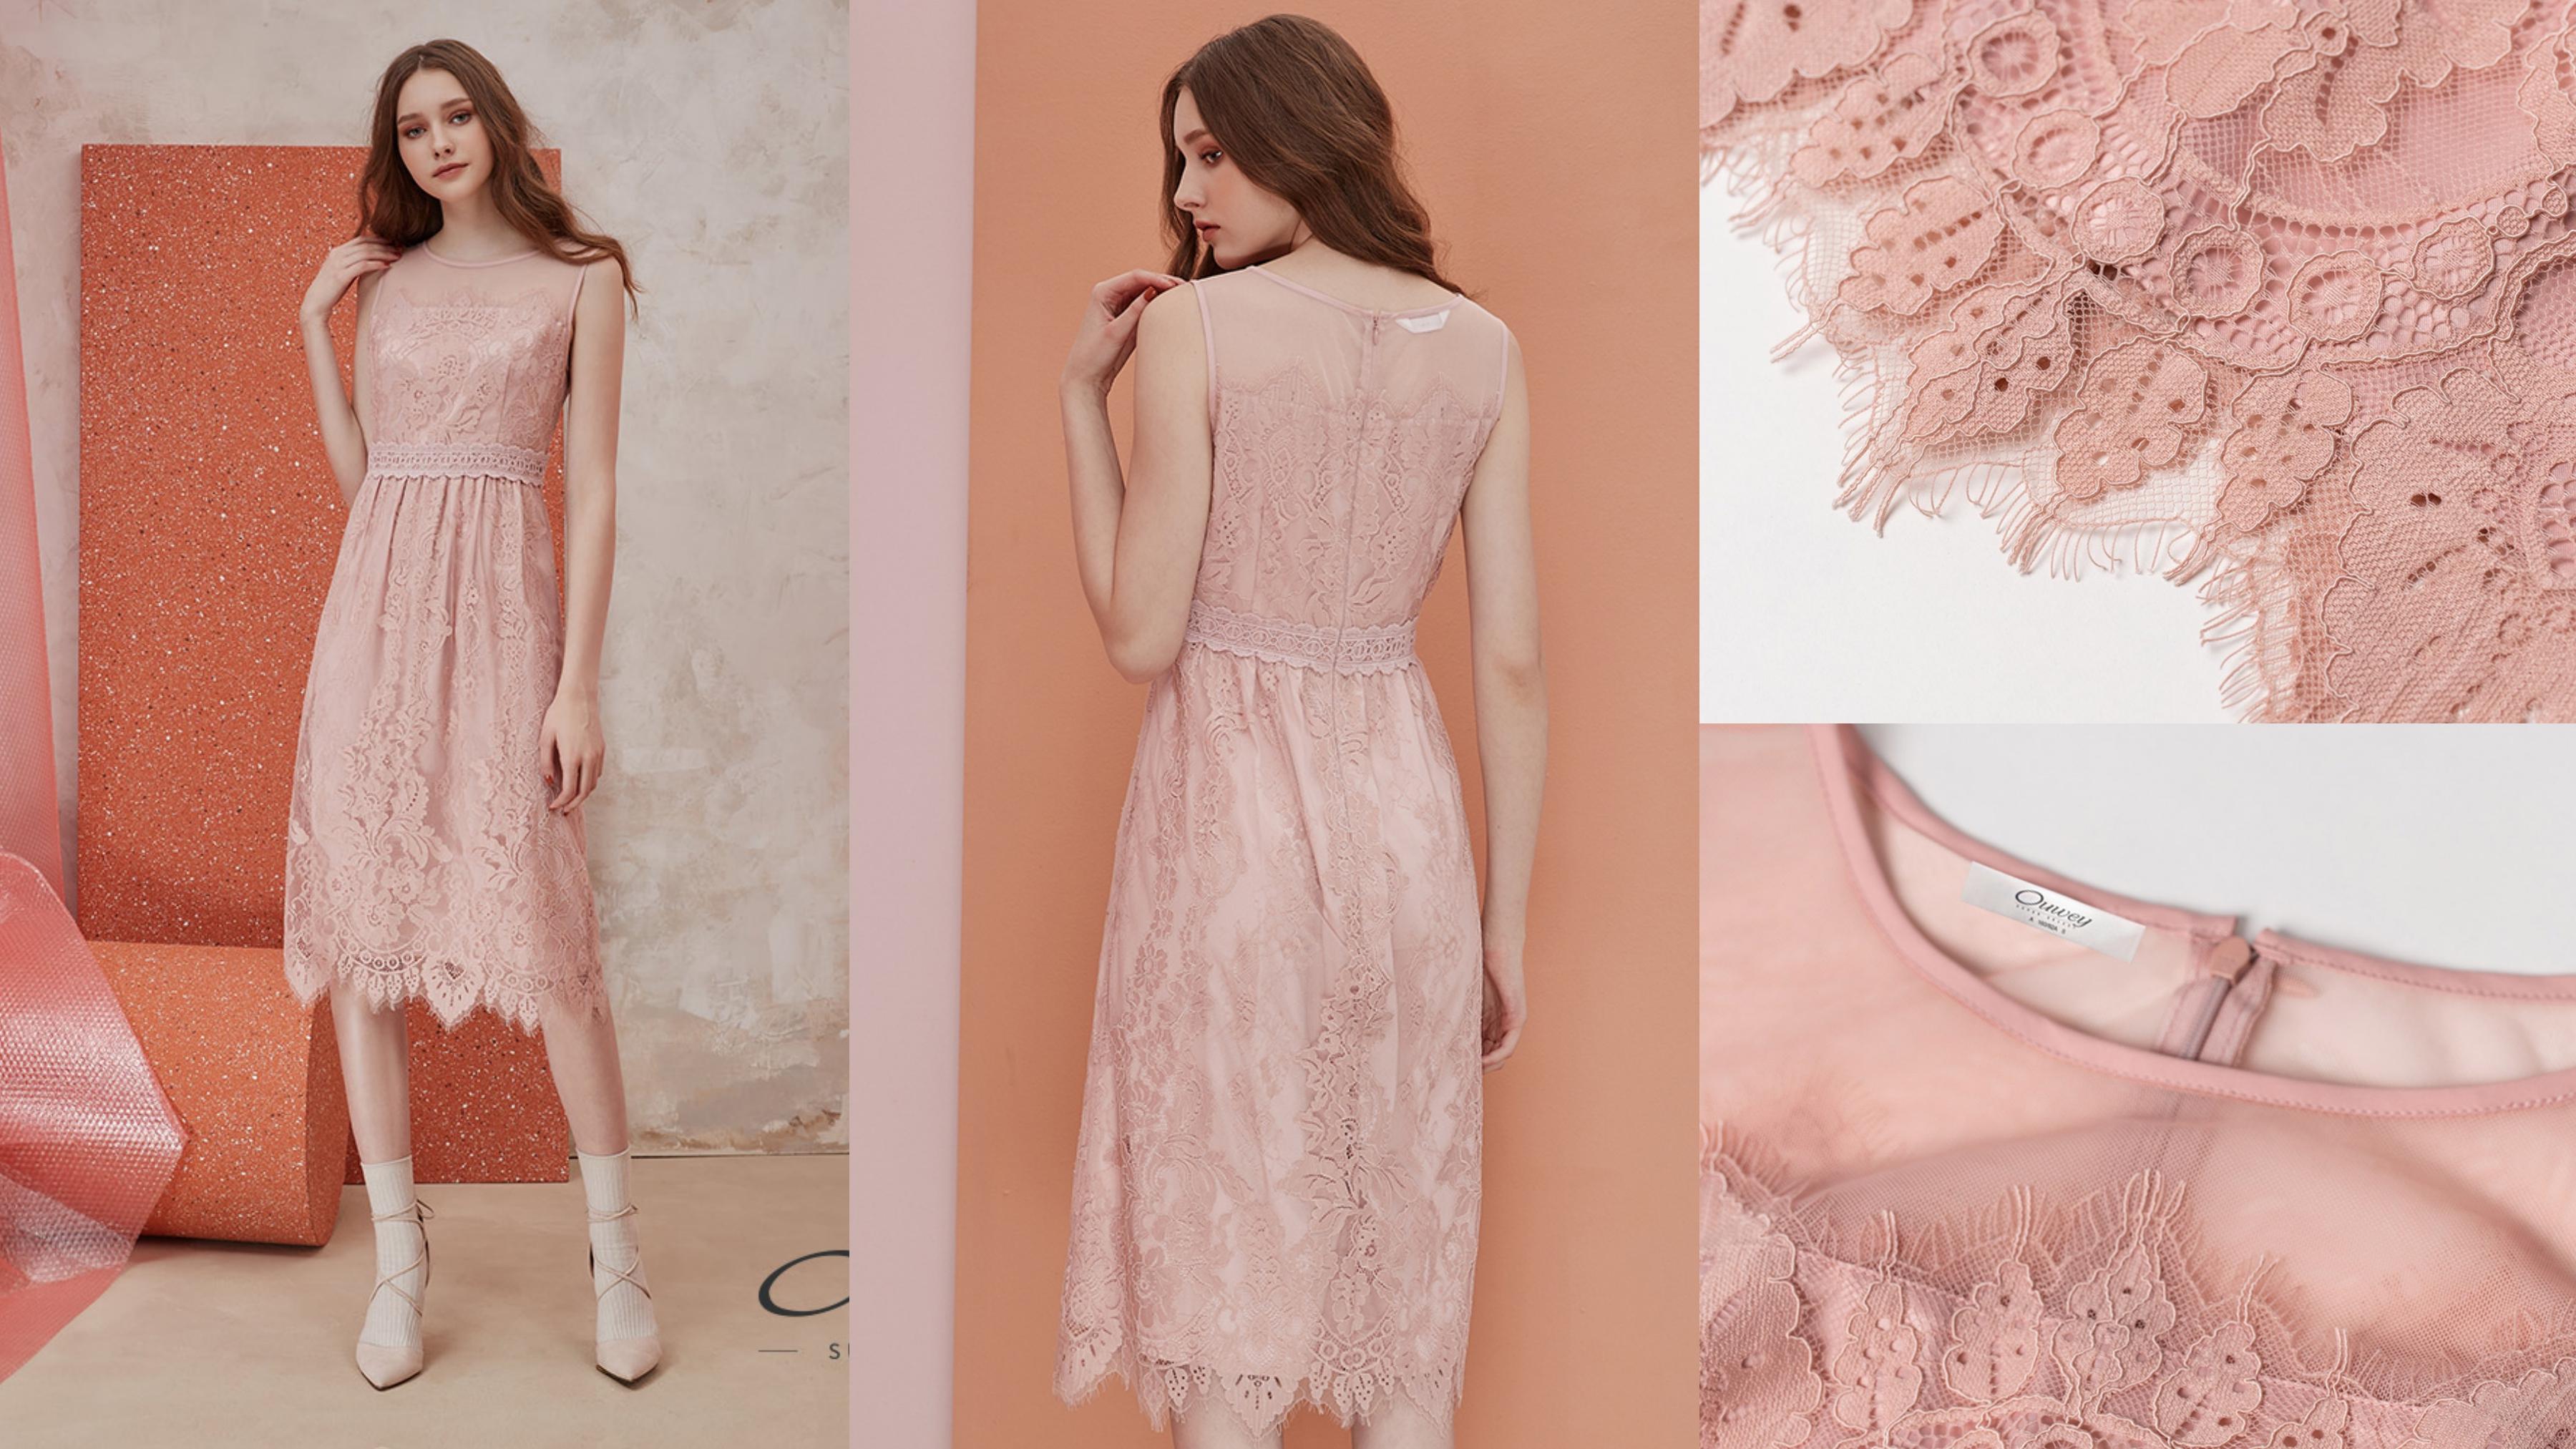 懶人穿搭術又一發!夏日衣櫃必備這8款仙氣顯瘦洋裝,只要一分鐘讓妳漂亮出門